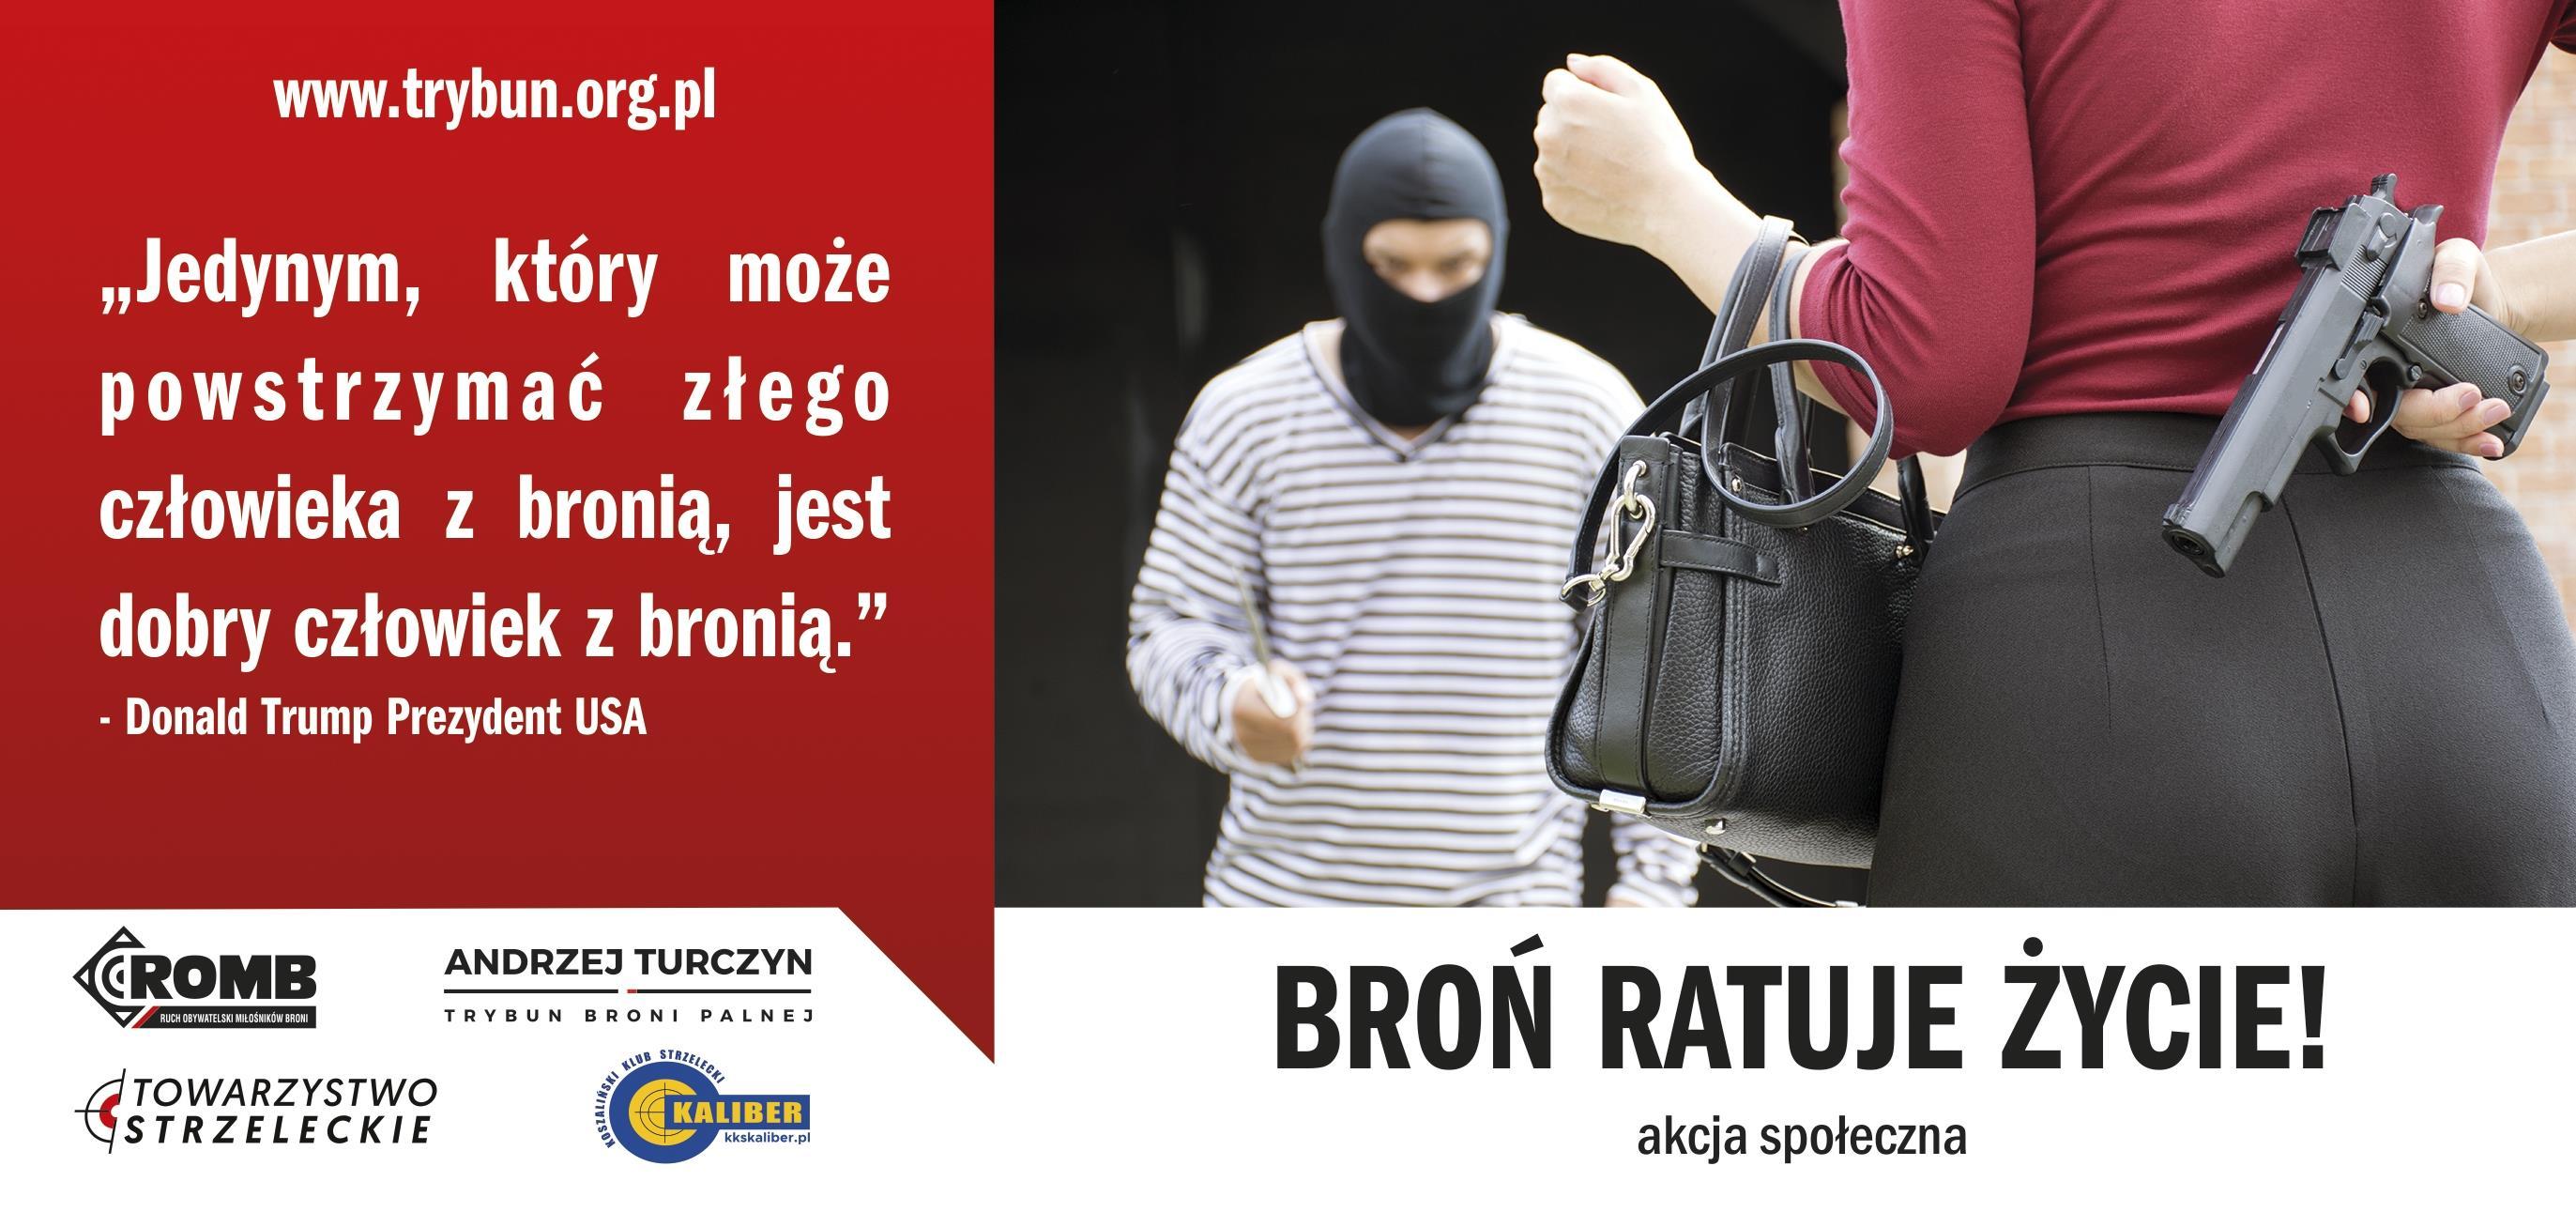 Akcja Zachęcająca Polaków Do Posiadania Broni Wykorzystali